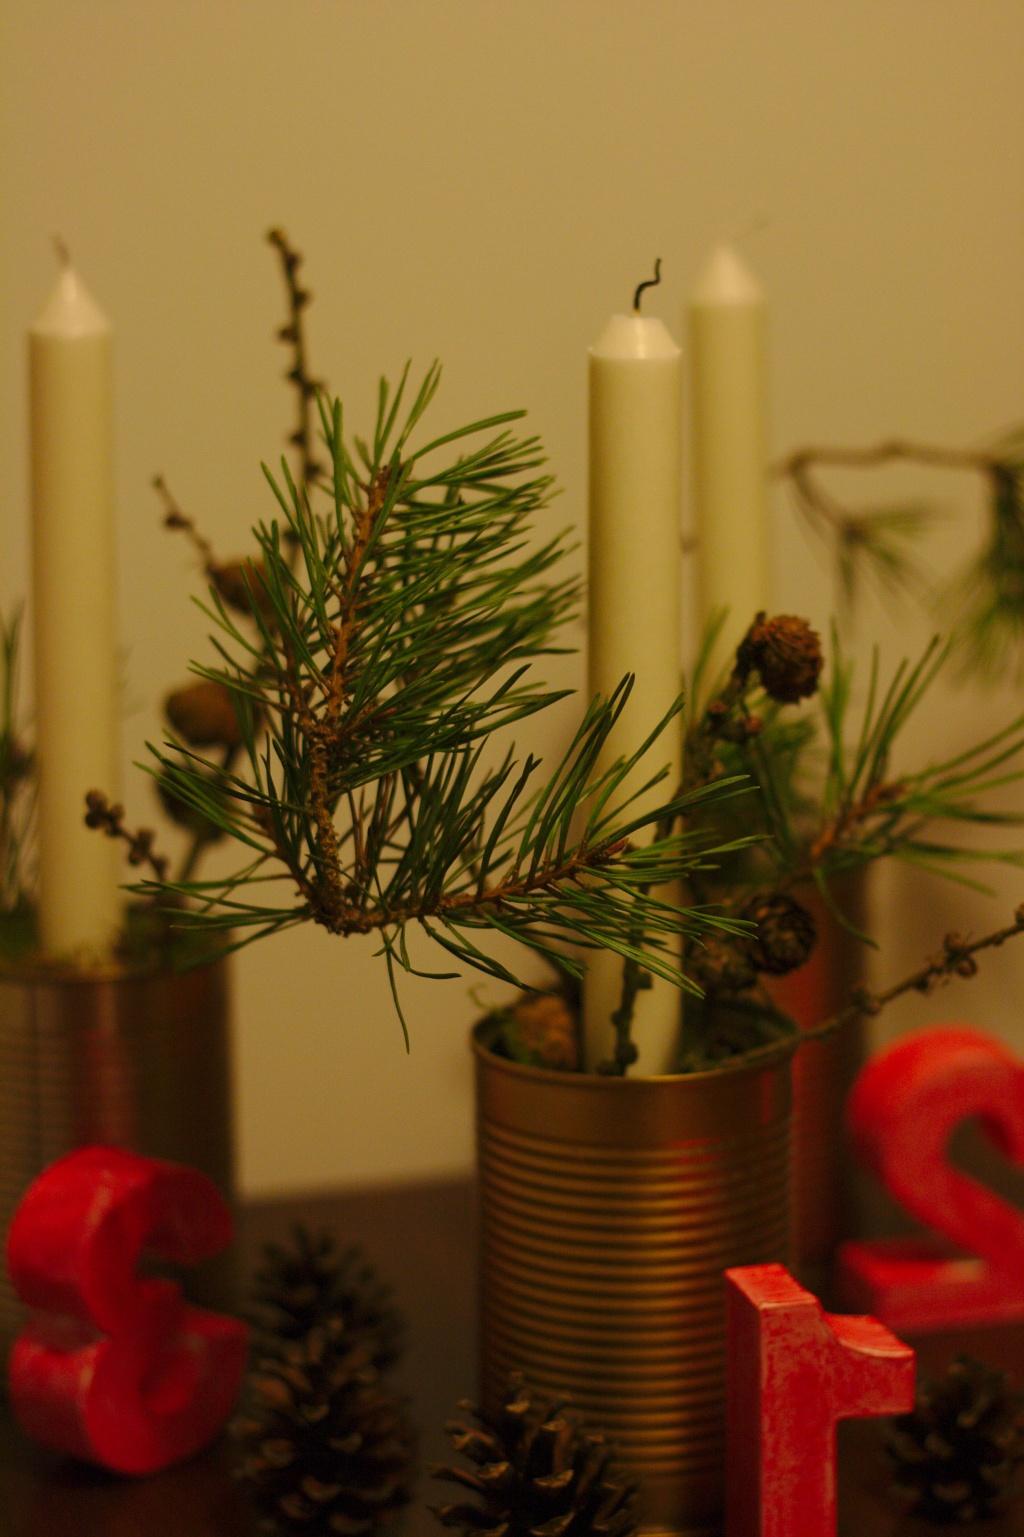 selbstgemachter weihnachtsschmuck